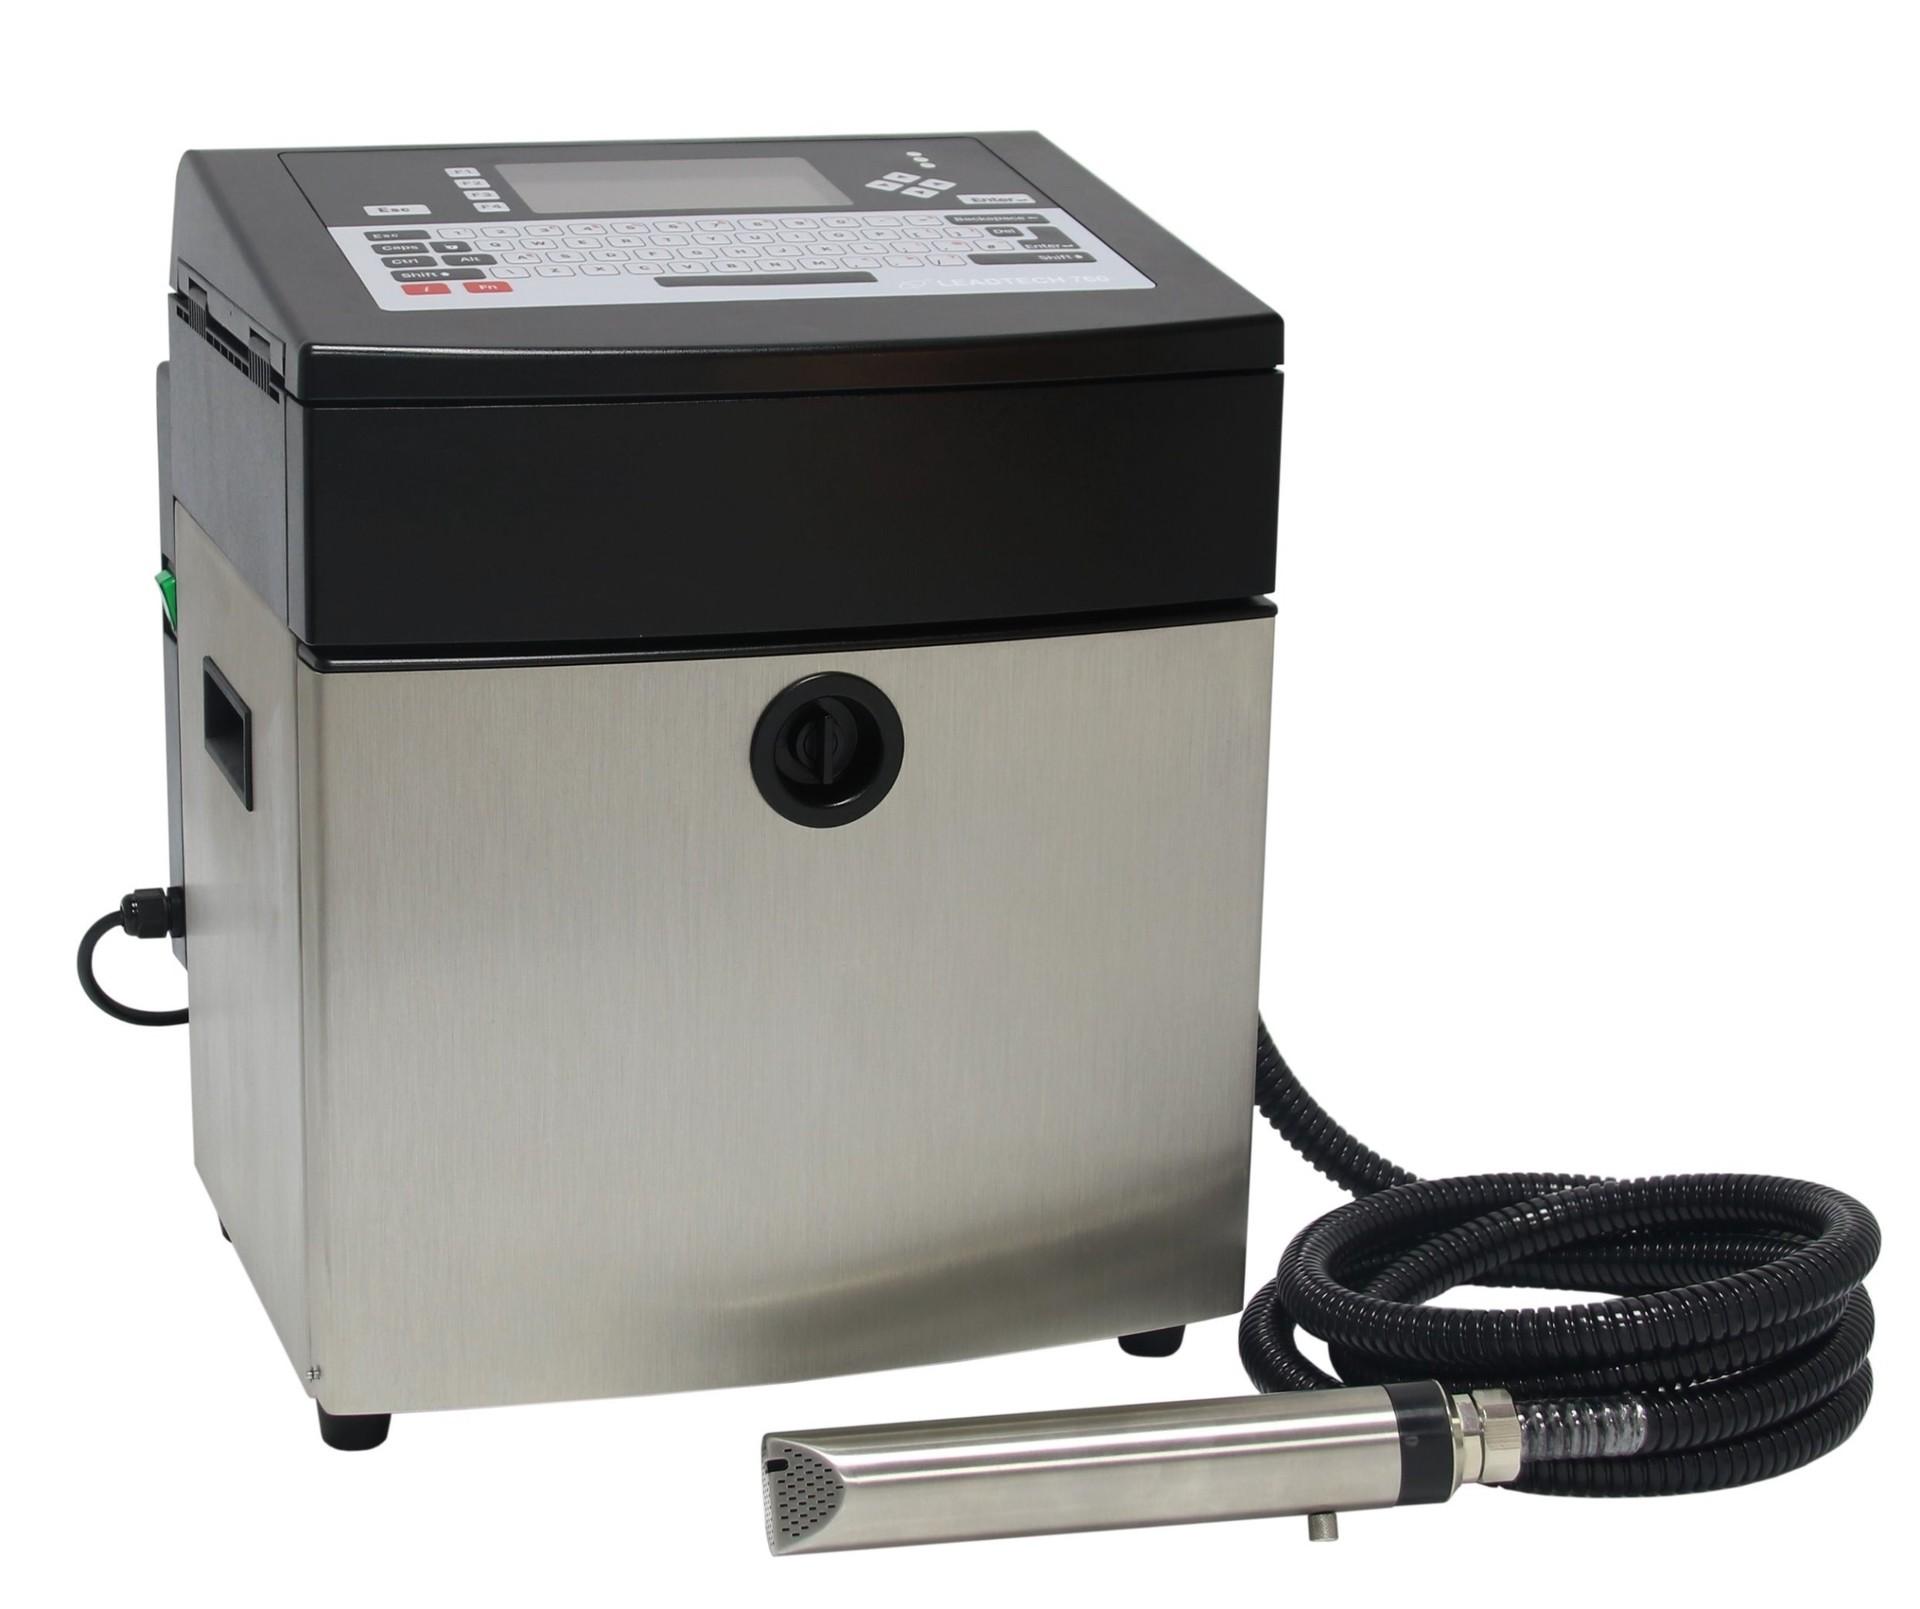 Lead Tech Lt760 Cij Inkjet Printer for Black to Blue Coding